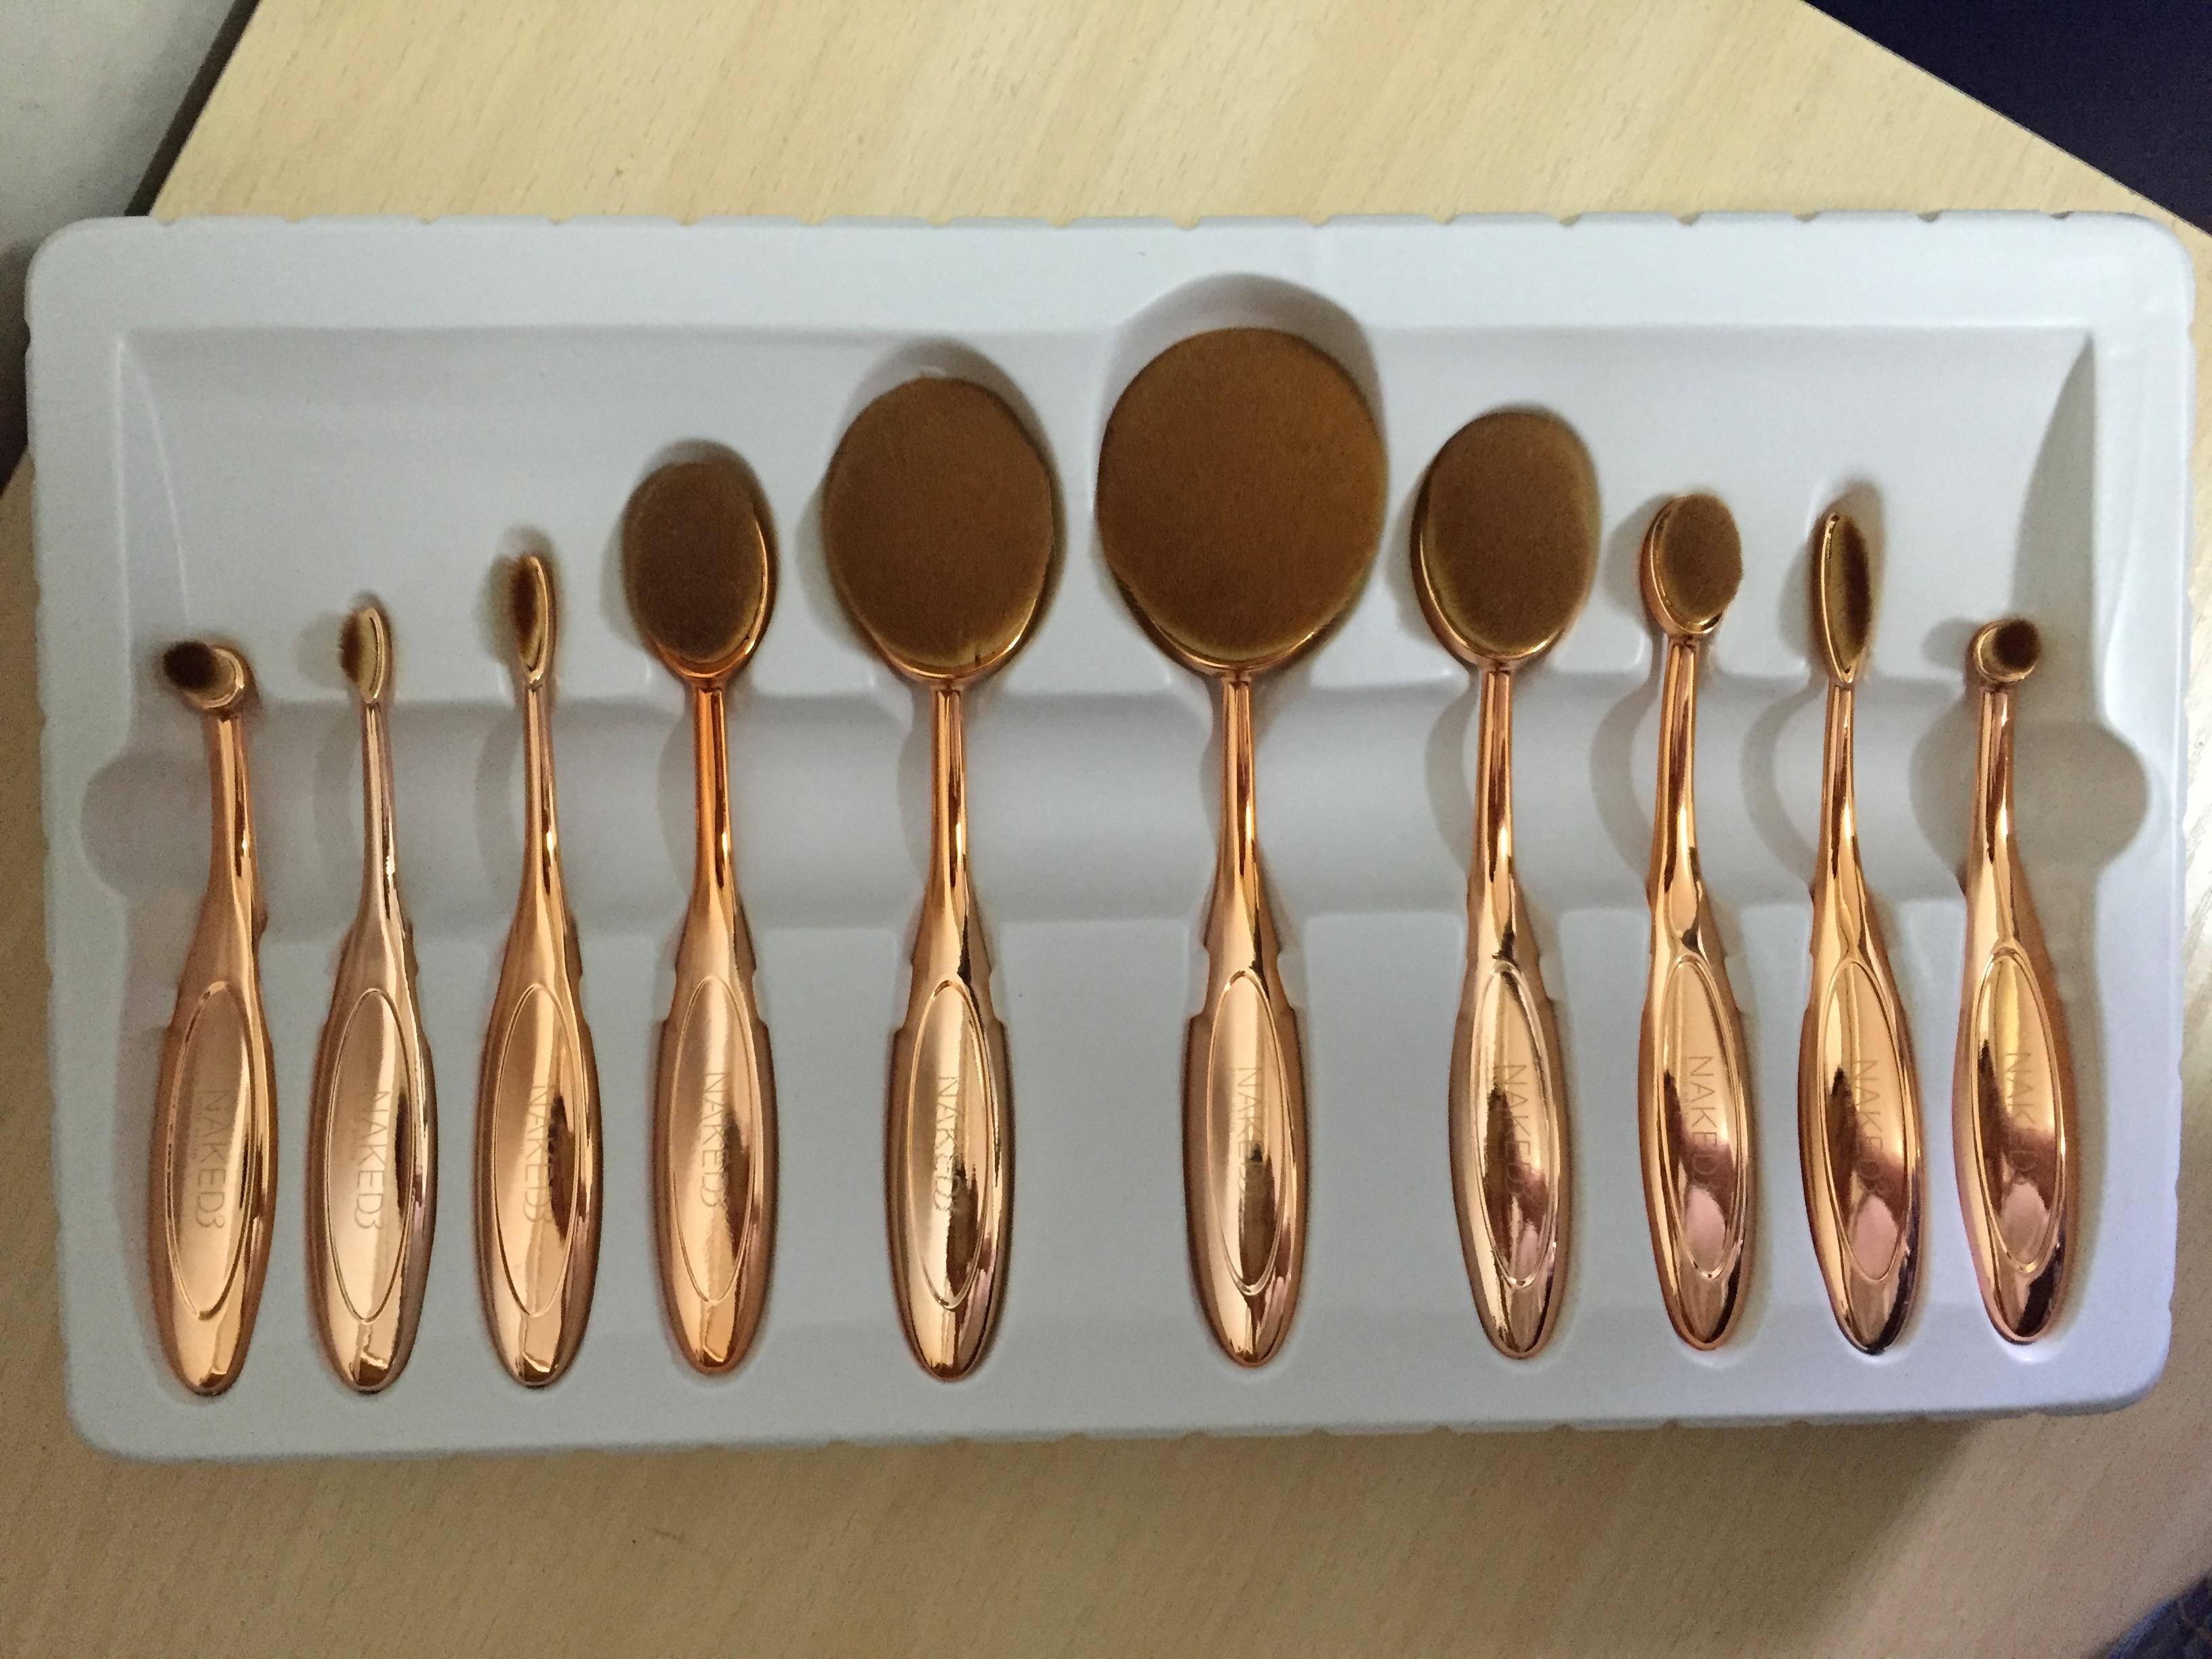 artis brushes gold. professional brush set uk the best artis brushes gold